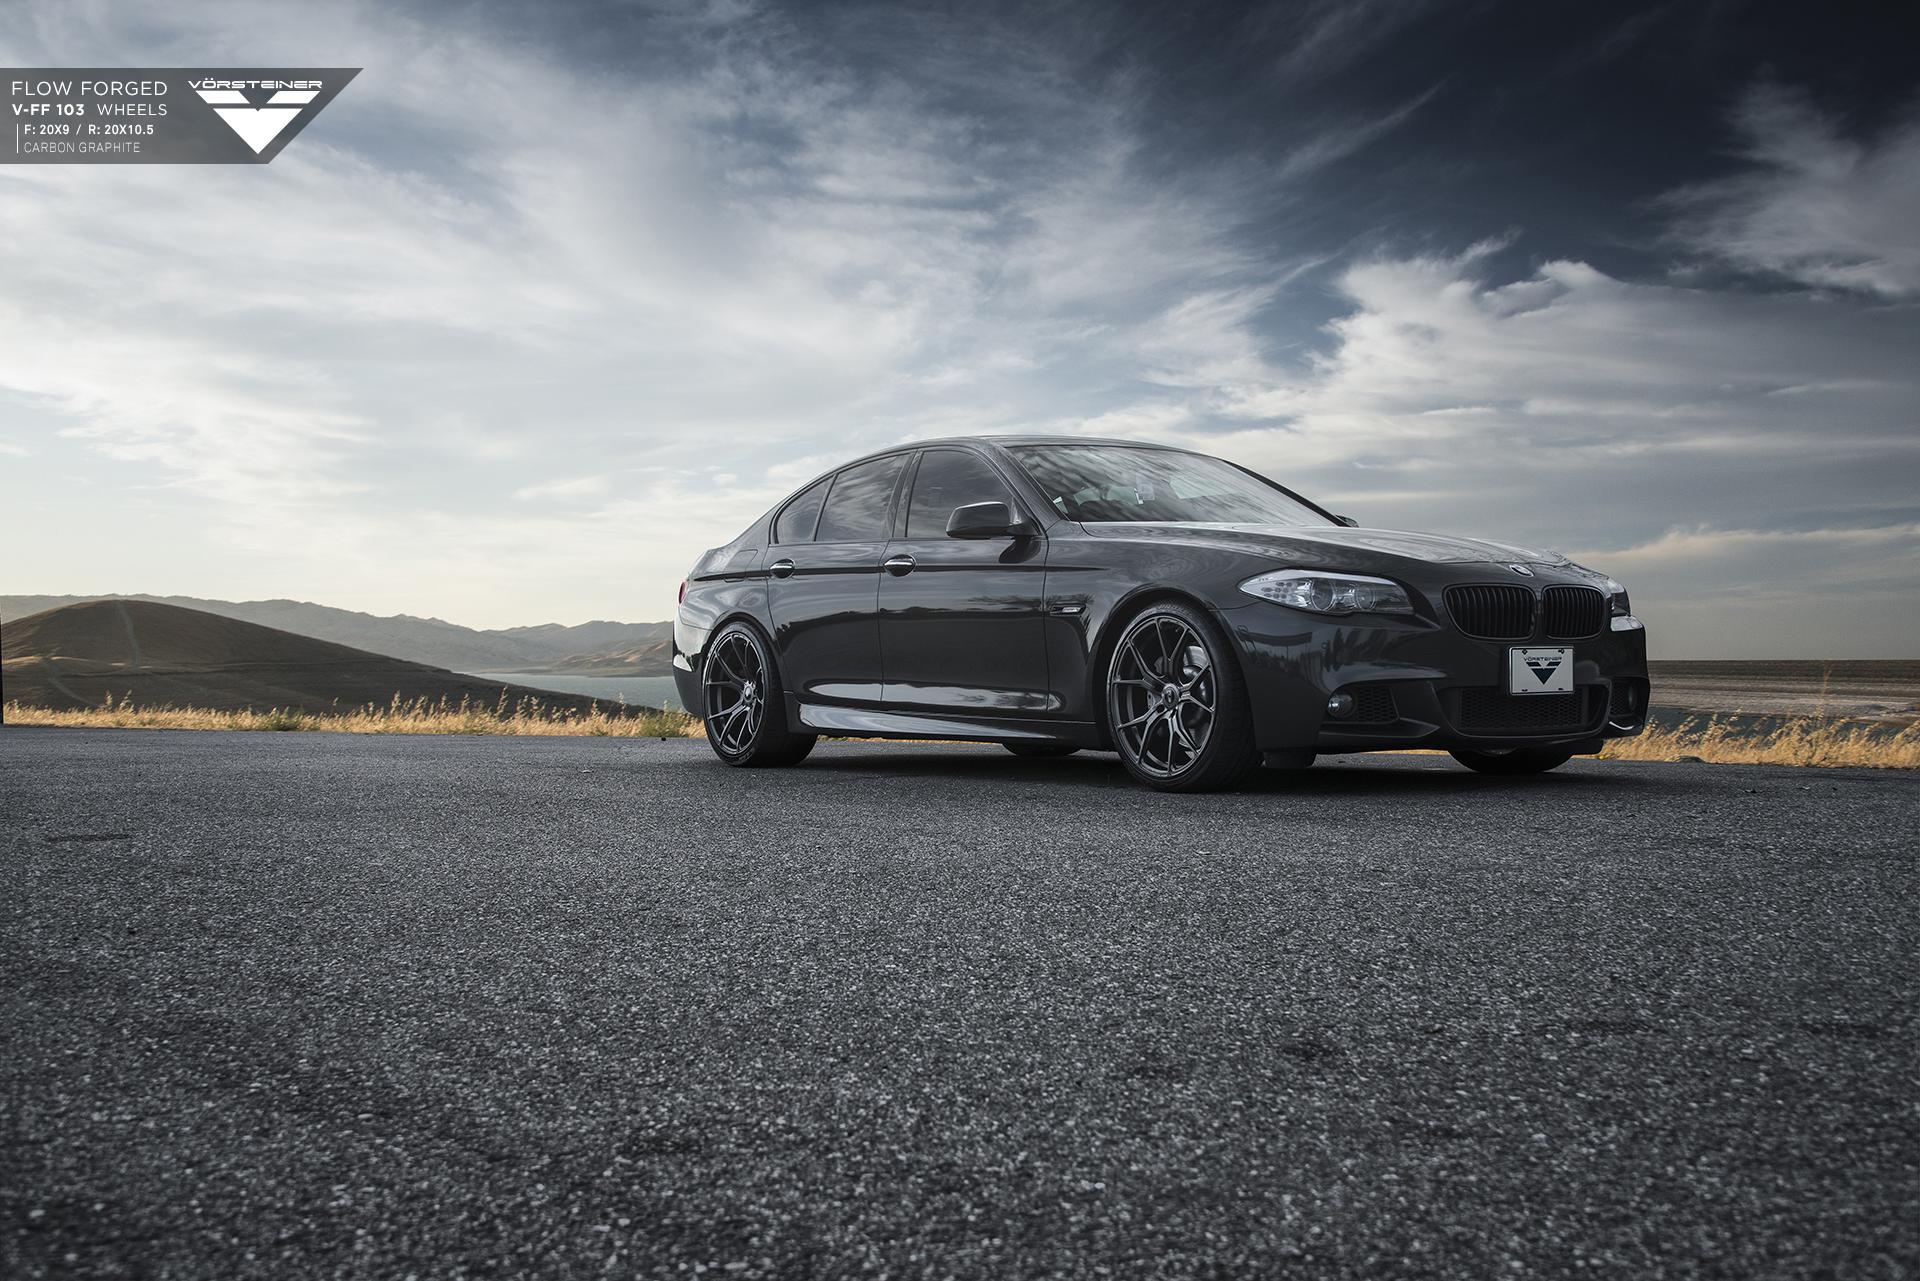 Used Bmw Z4 >> BMW F10 5 Series On Vorsteiner FlowForged Wheels